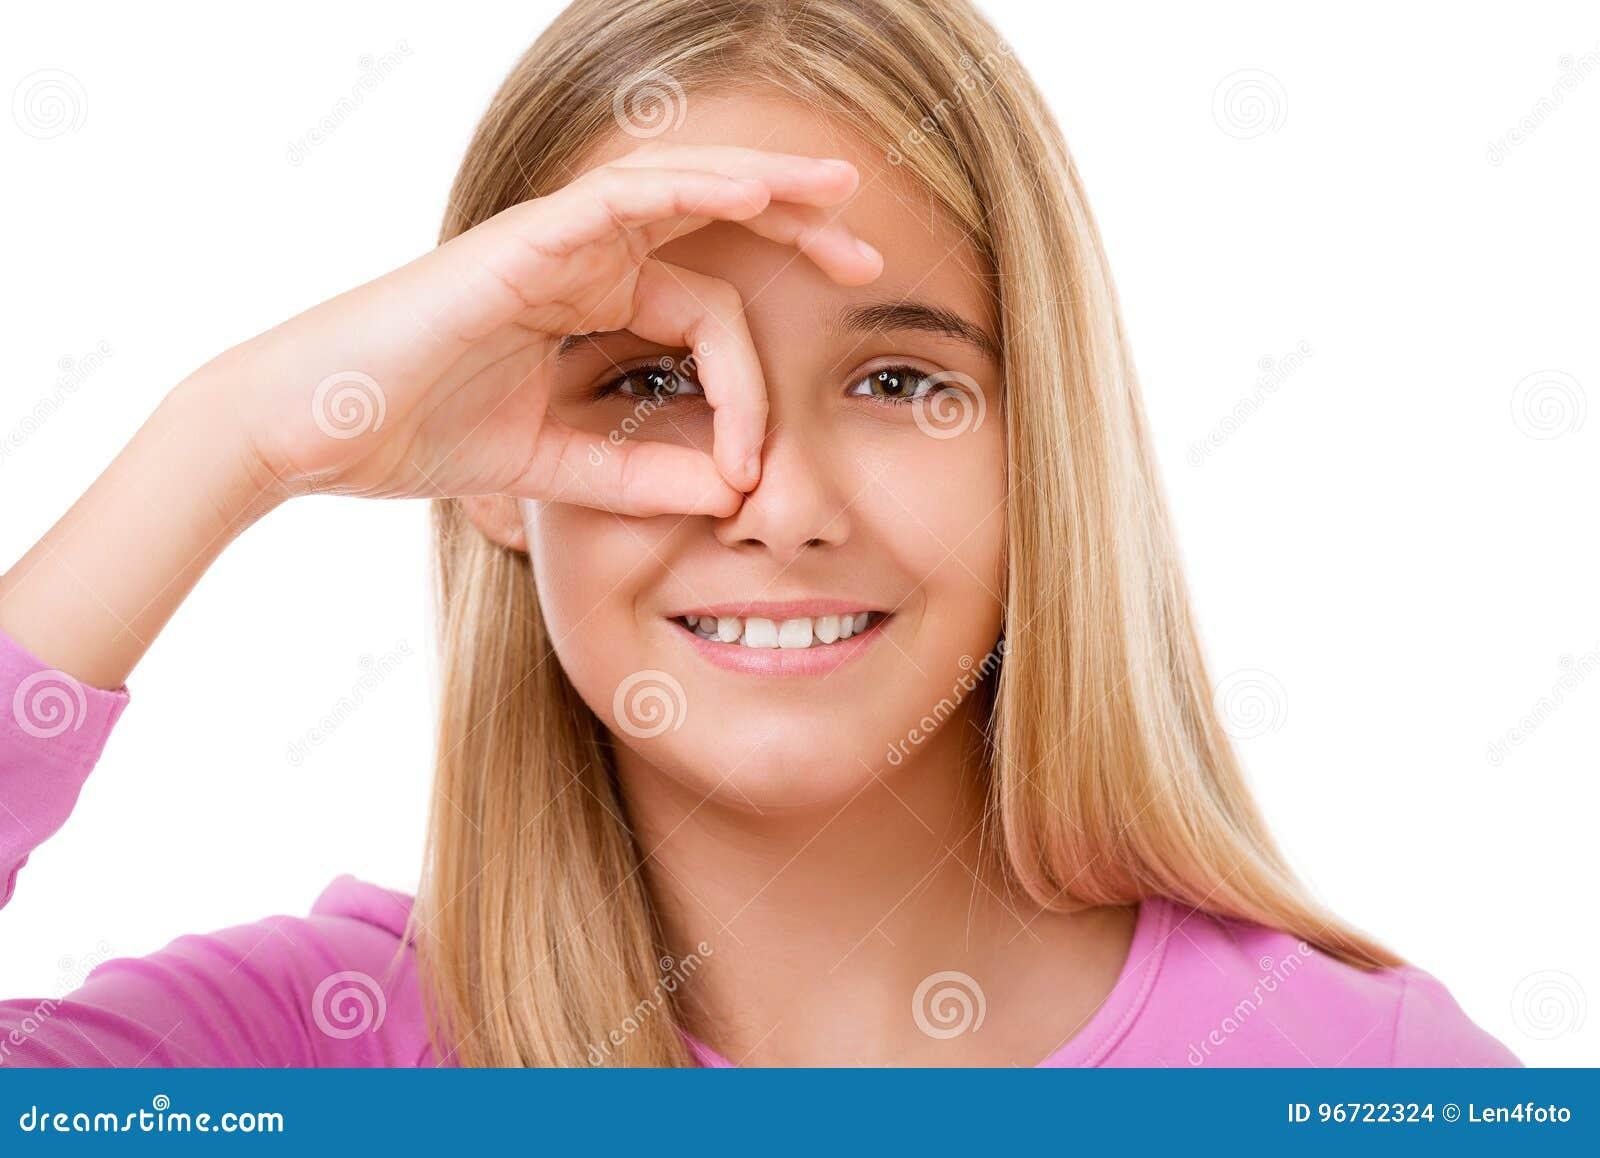 看通过从手指的孔的可爱的女孩的图片 我